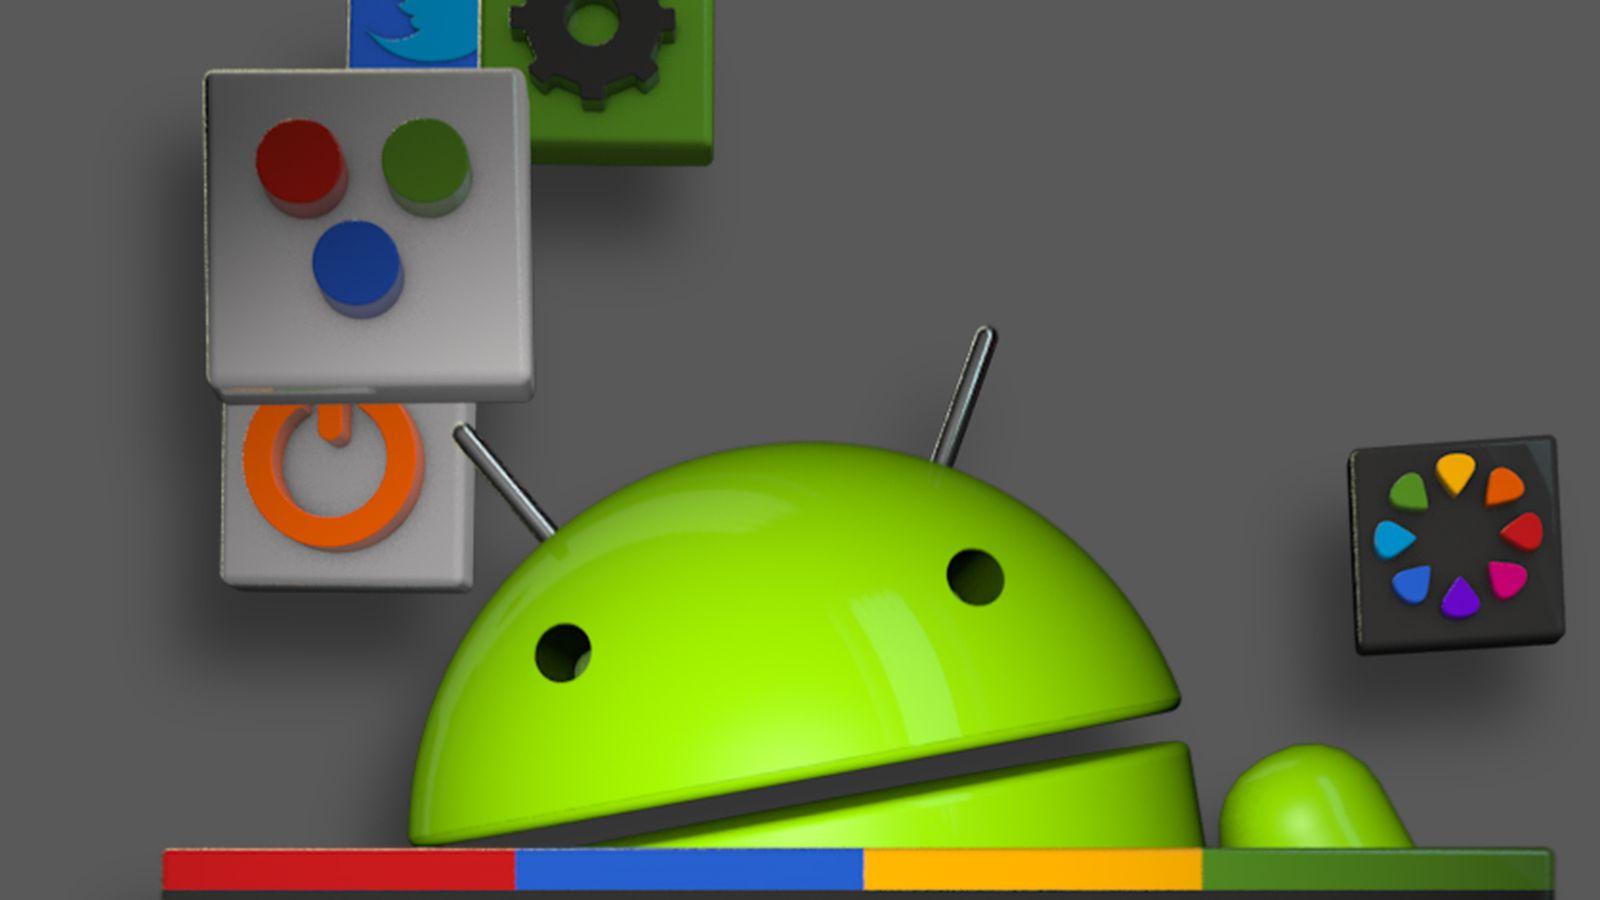 Soluciones a los problemas más comunes en Android